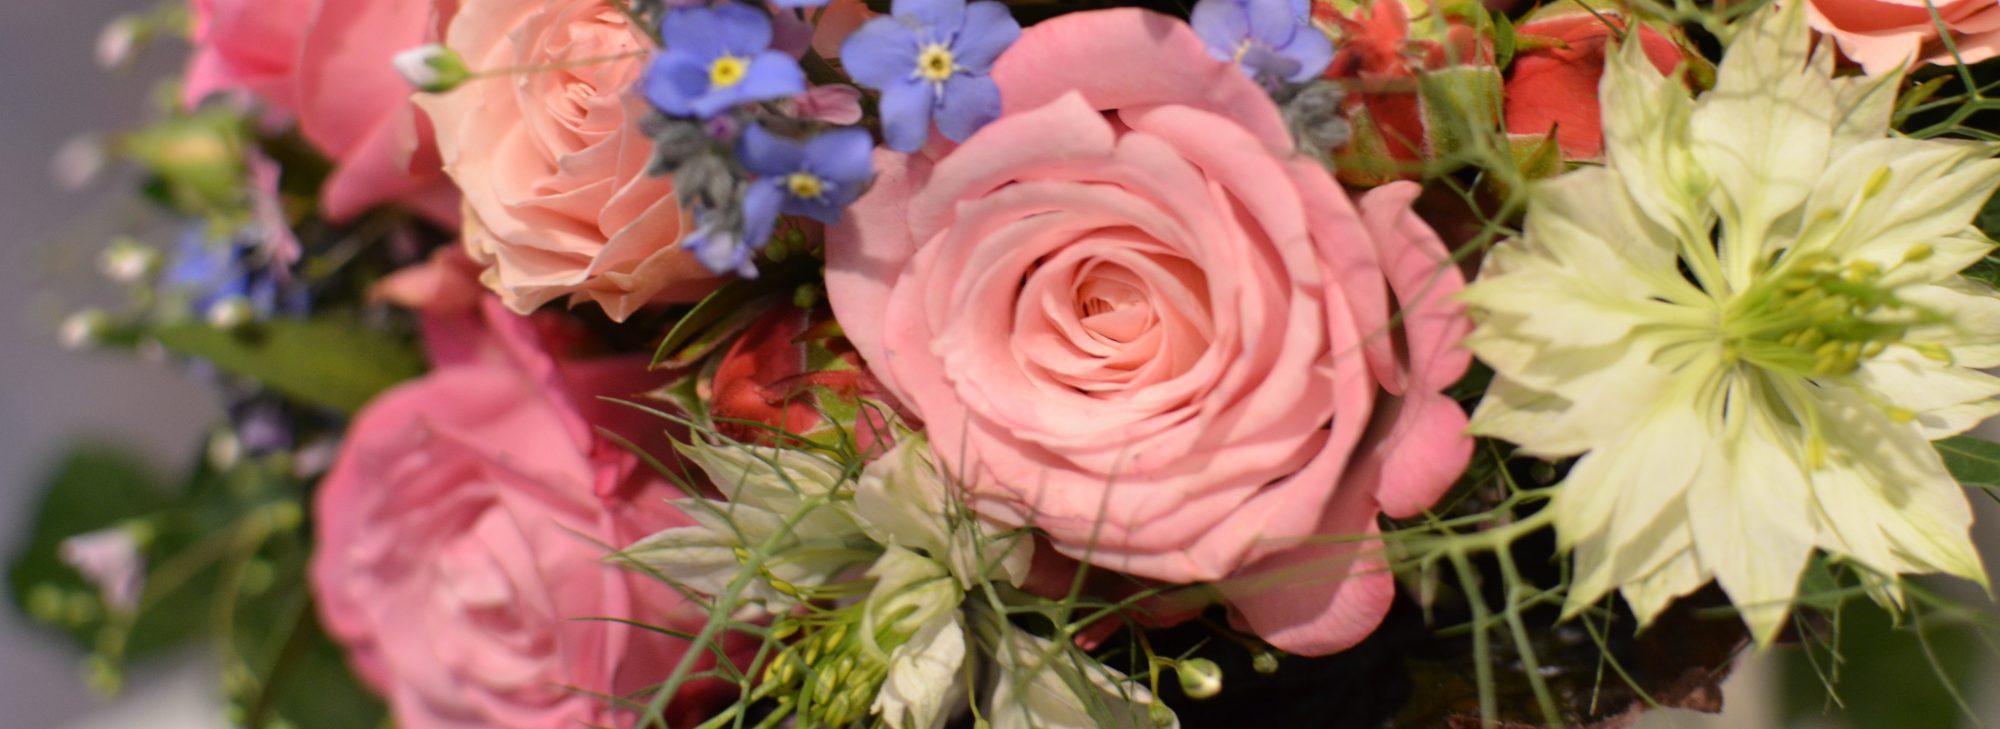 Top Ausbildung Florist